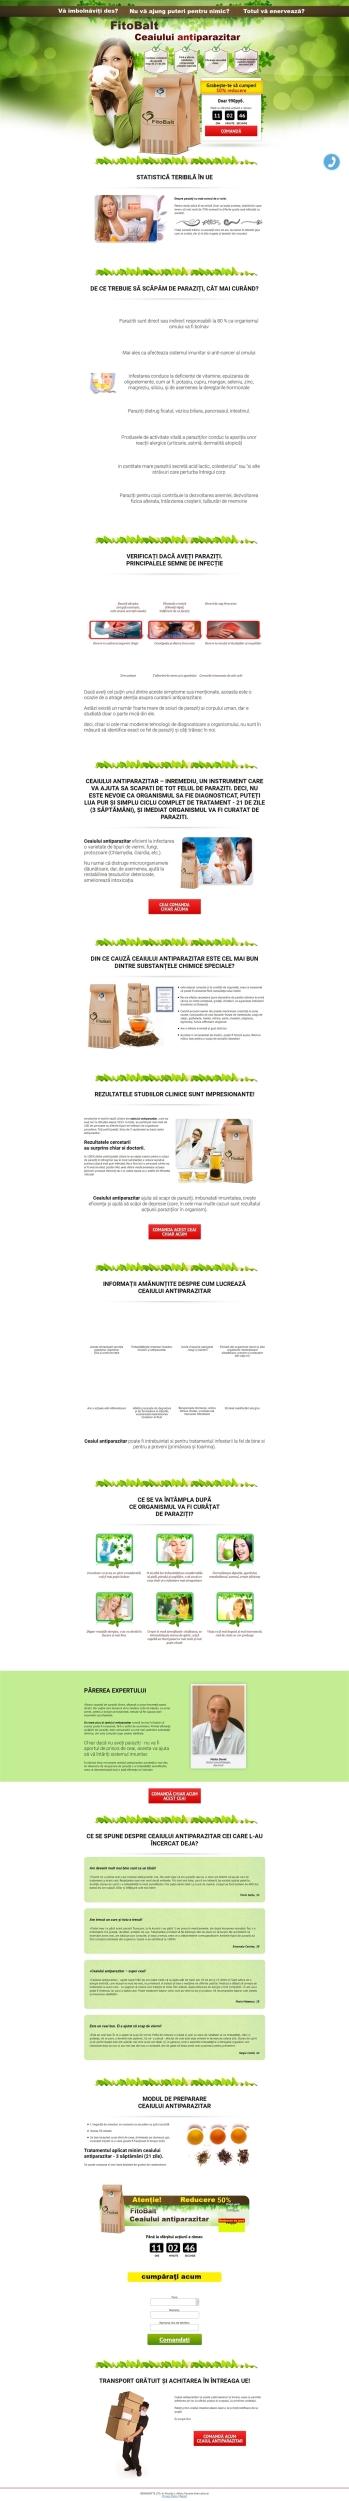 cronologie de tratament helmint)